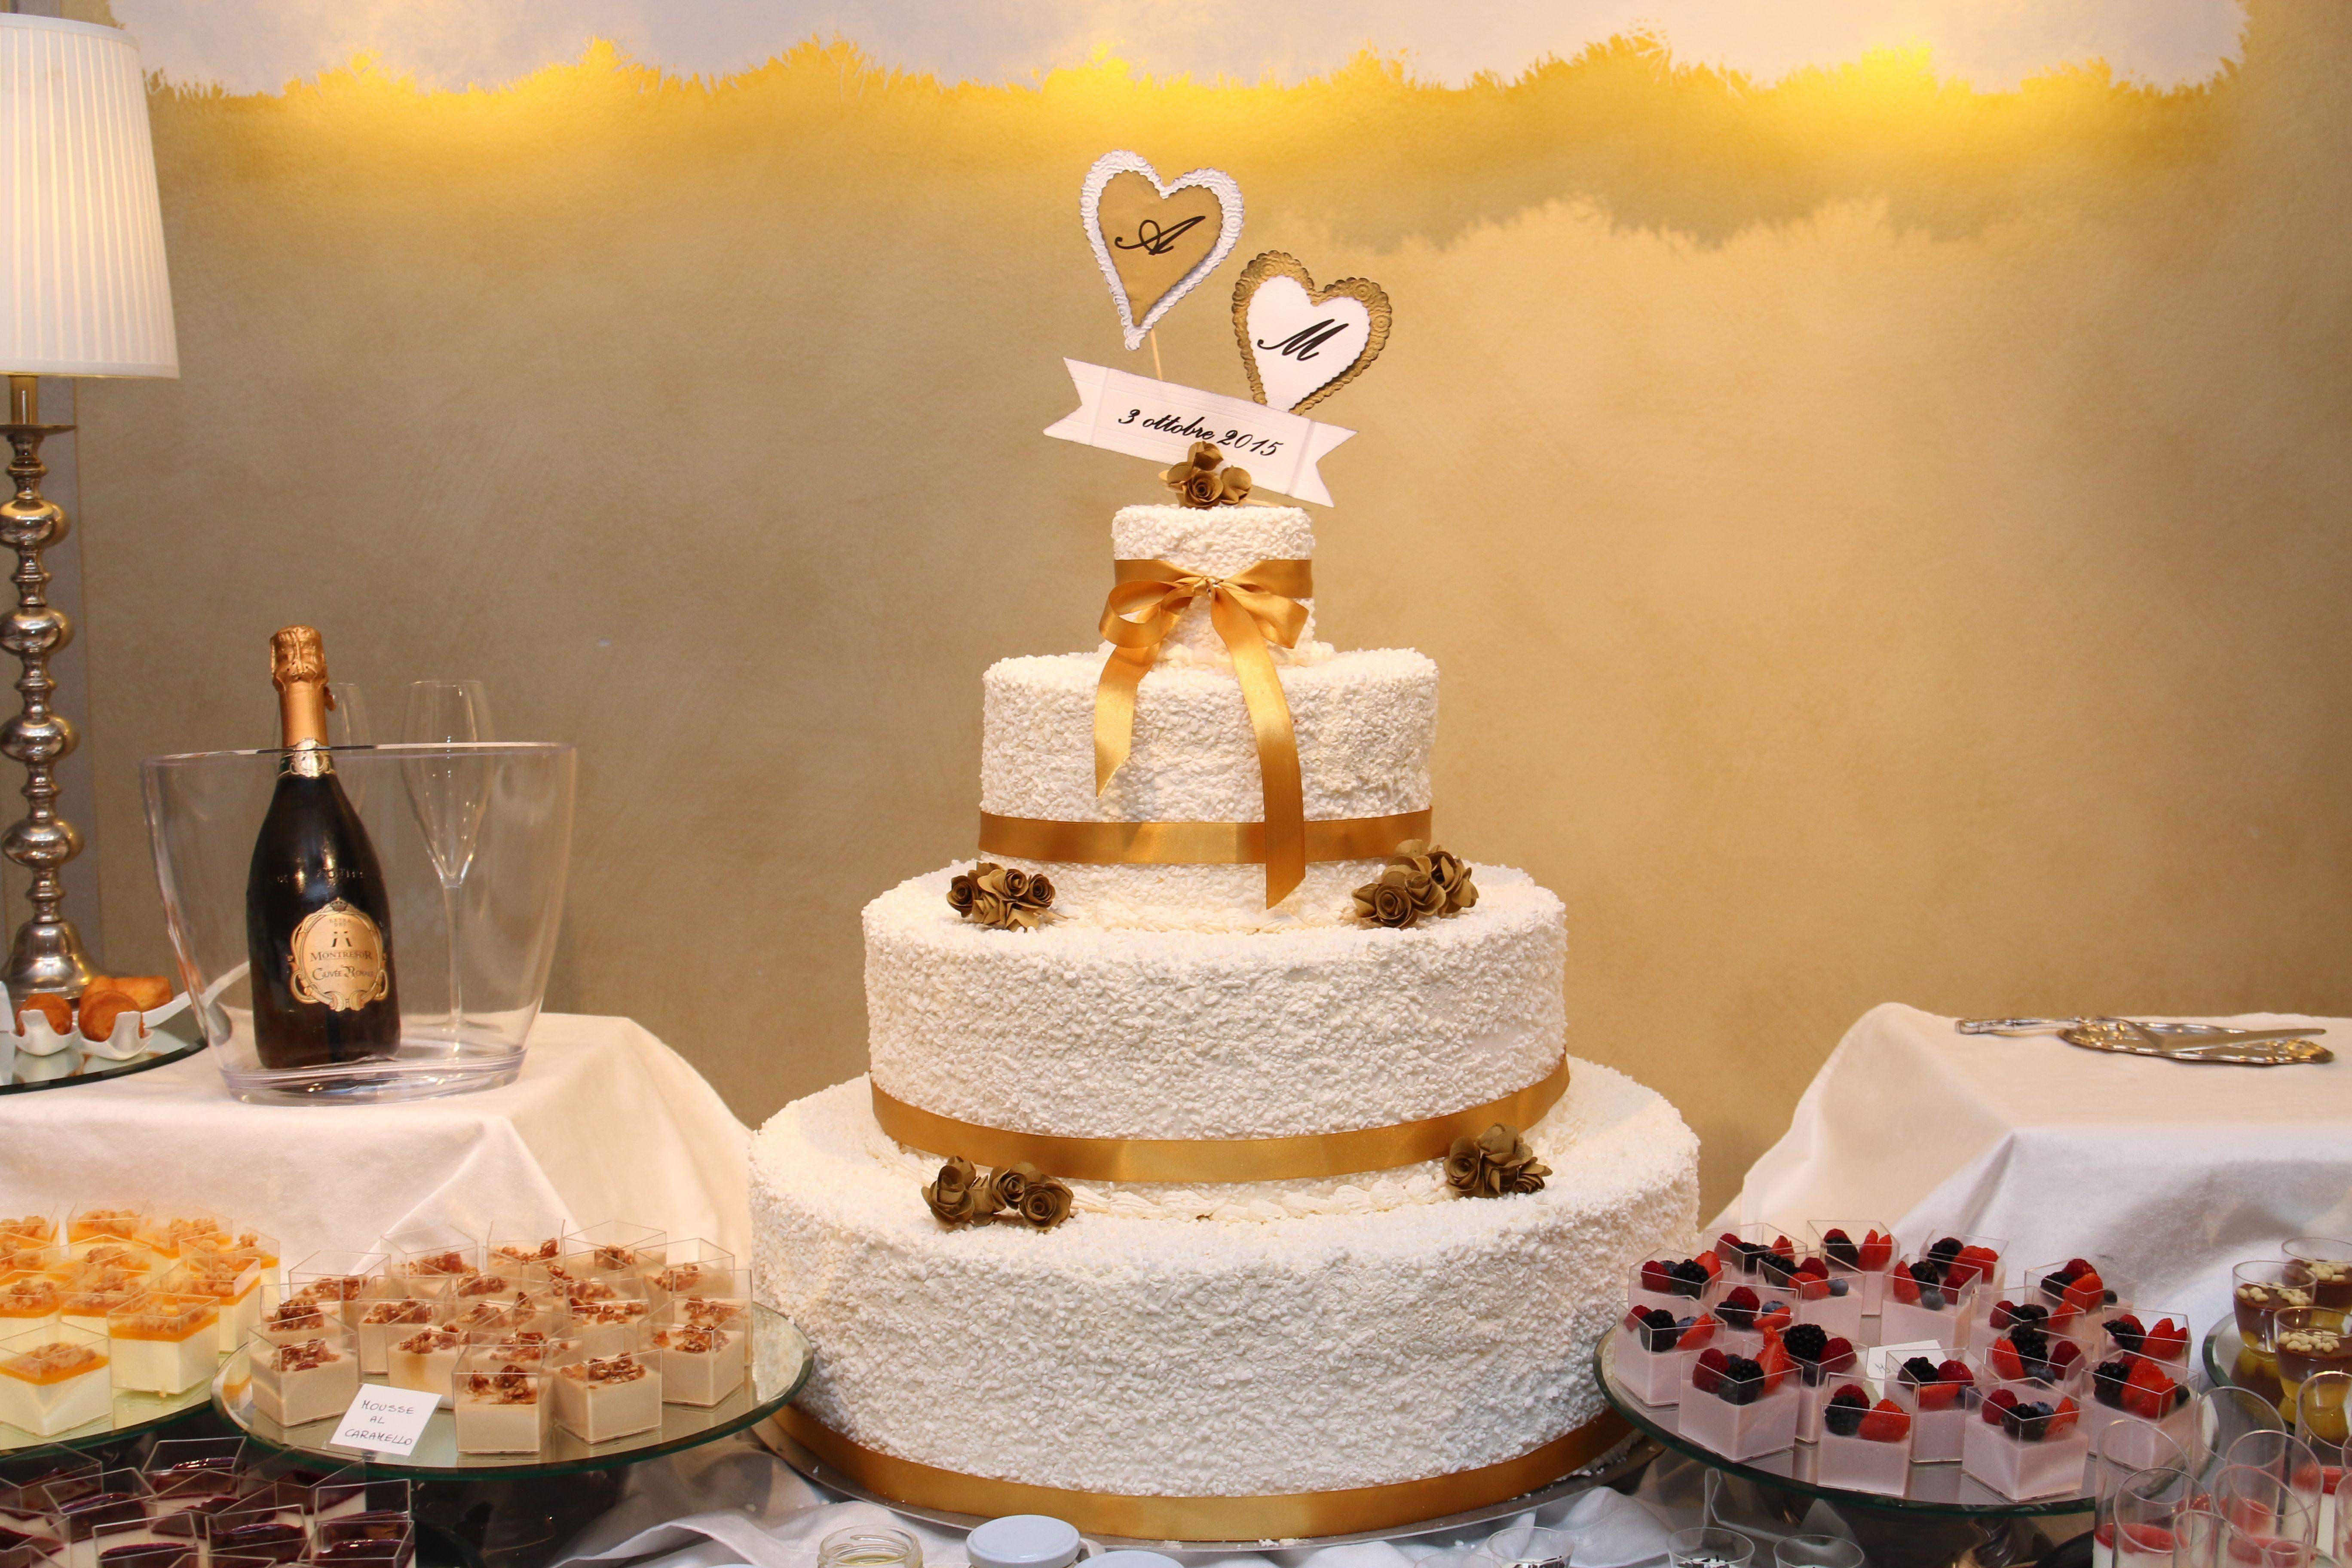 decorazioni di carta su torta nuziale